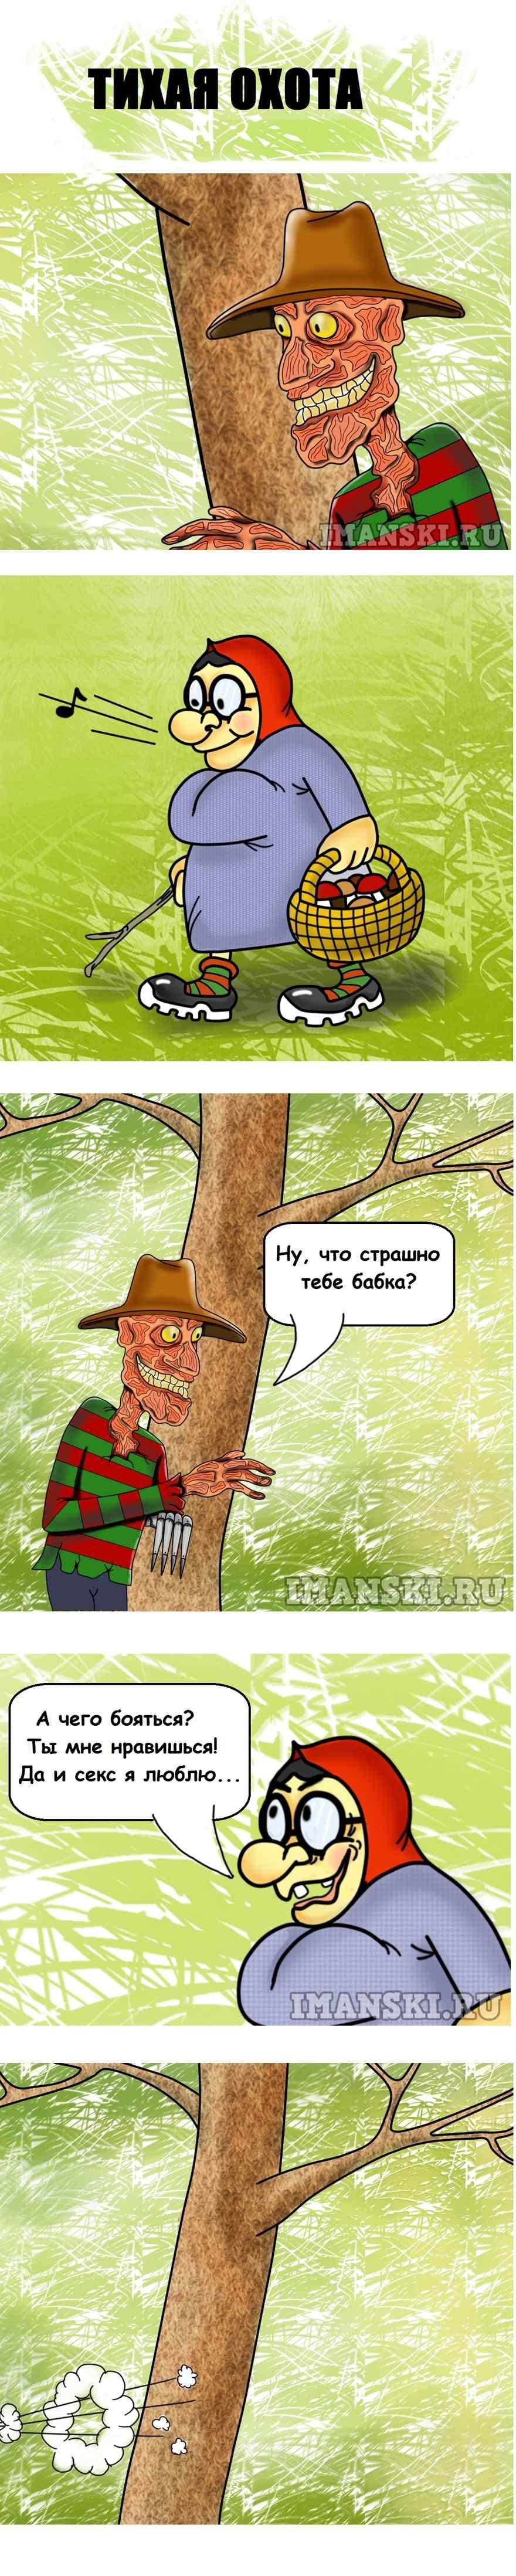 Тихая охота.Смешной комикс, Автор Игорь Иманский.